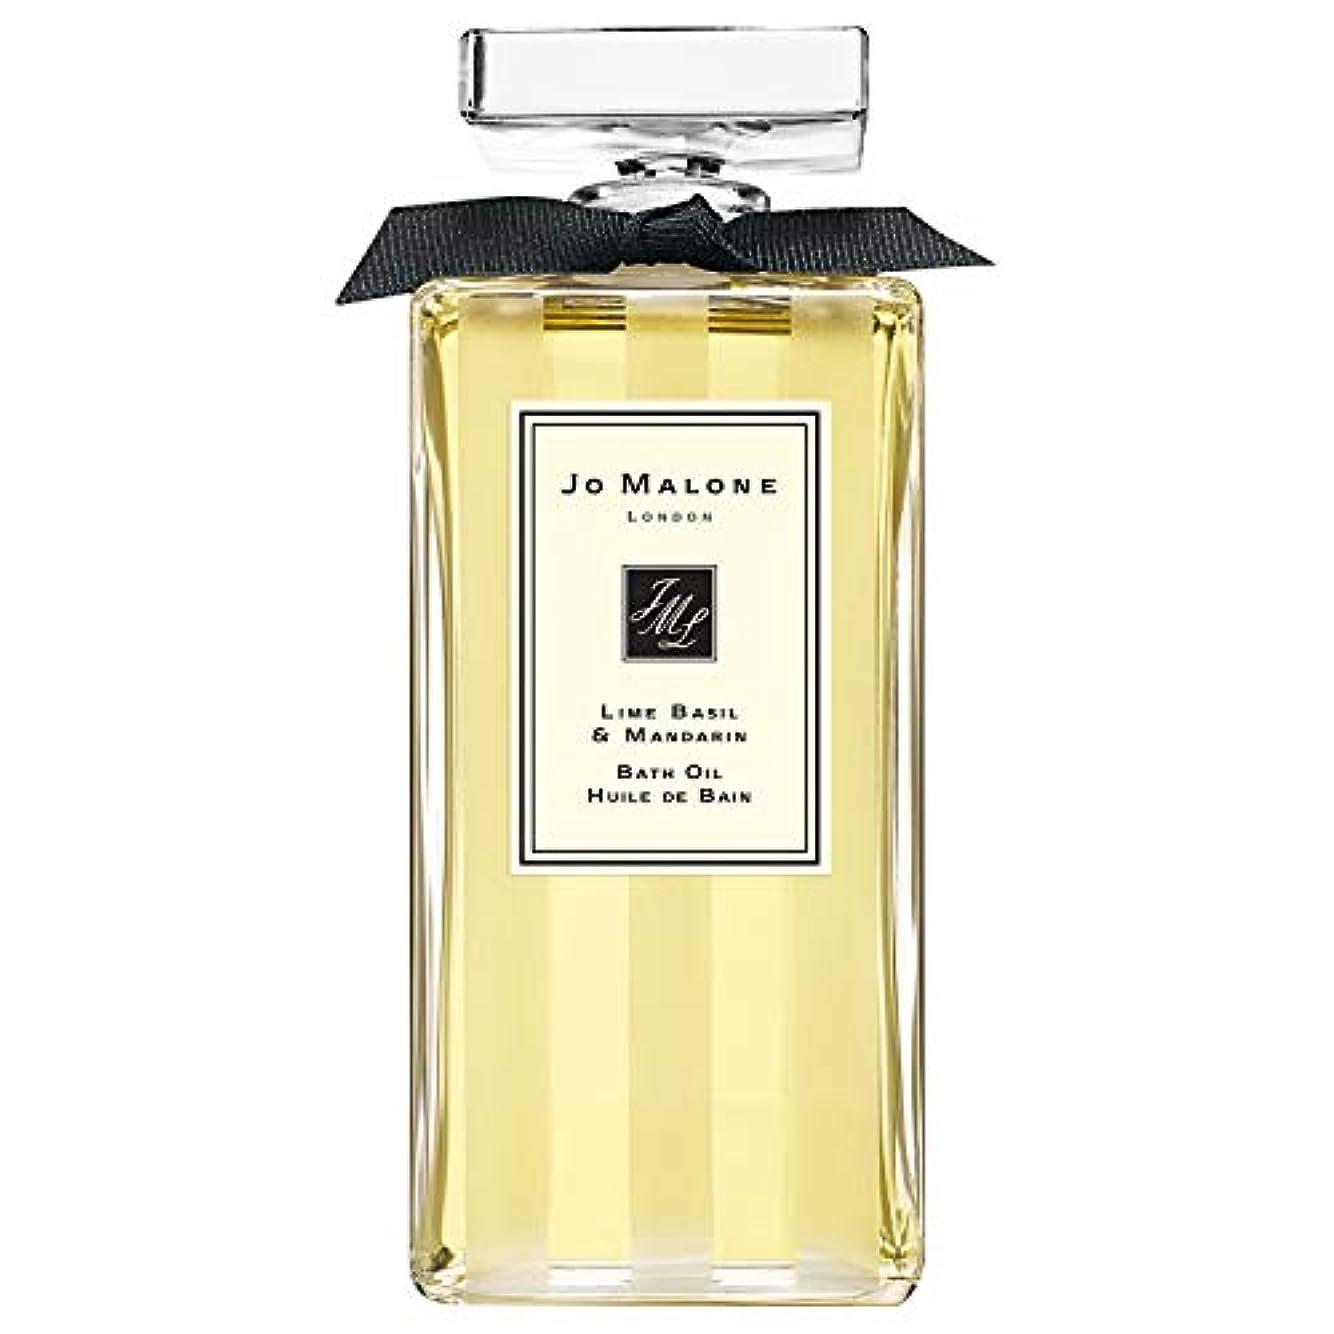 ワードローブパーツ習慣[Jo Malone] ジョーマローンロンドンライムバジル&マンダリンバスオイル200ミリリットル - Jo Malone London Lime Basil & Mandarin Bath Oil 200ml [並行輸入品]